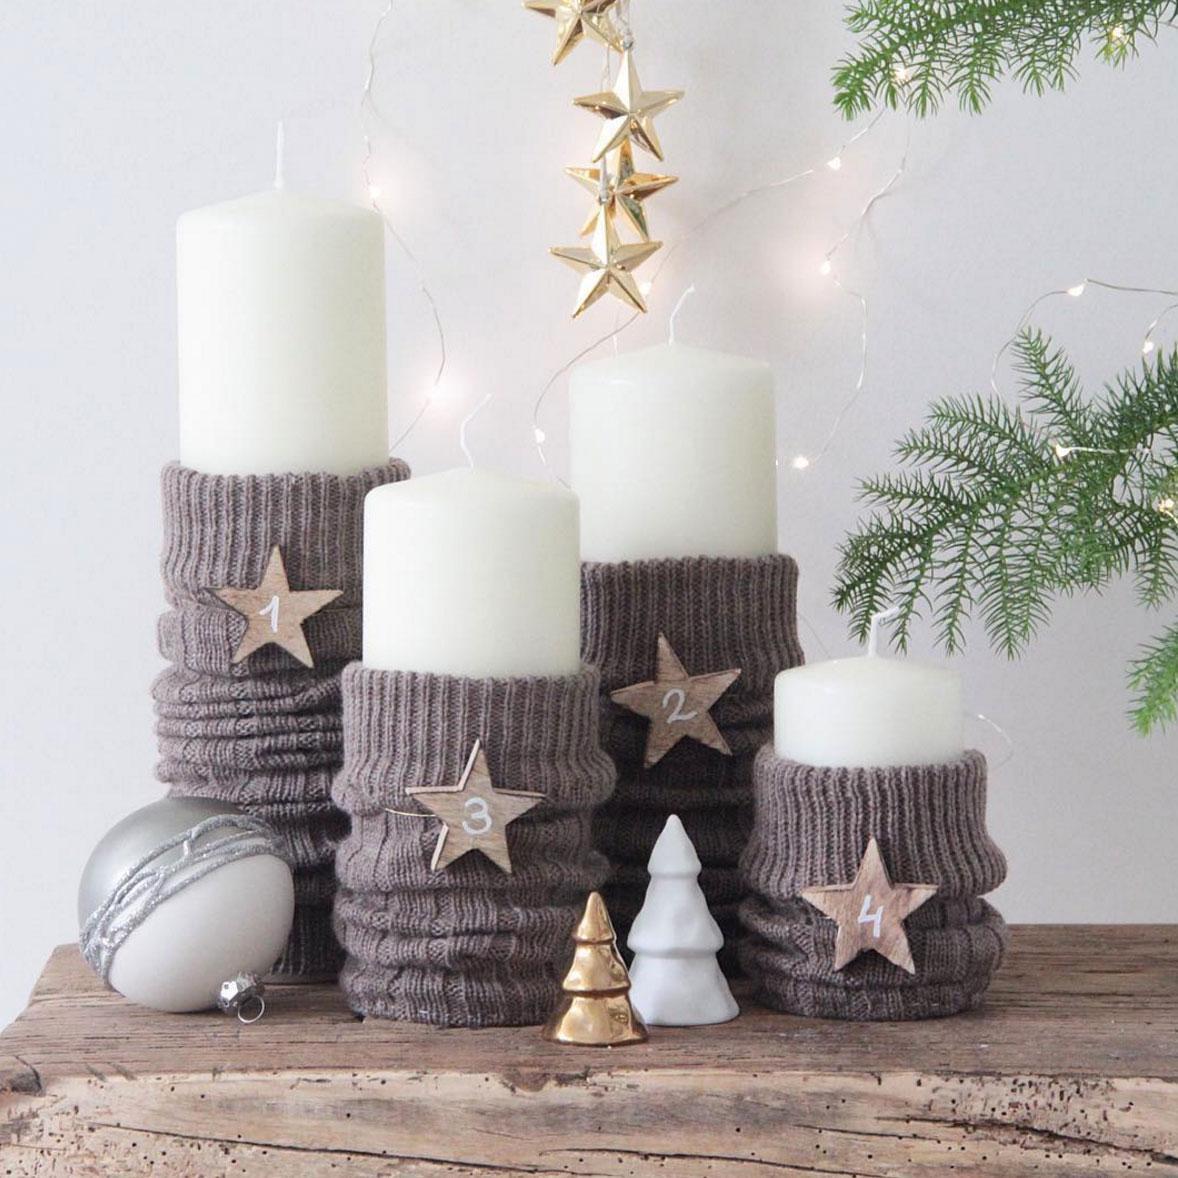 Vianočné predstavy - Obrázok č. 133